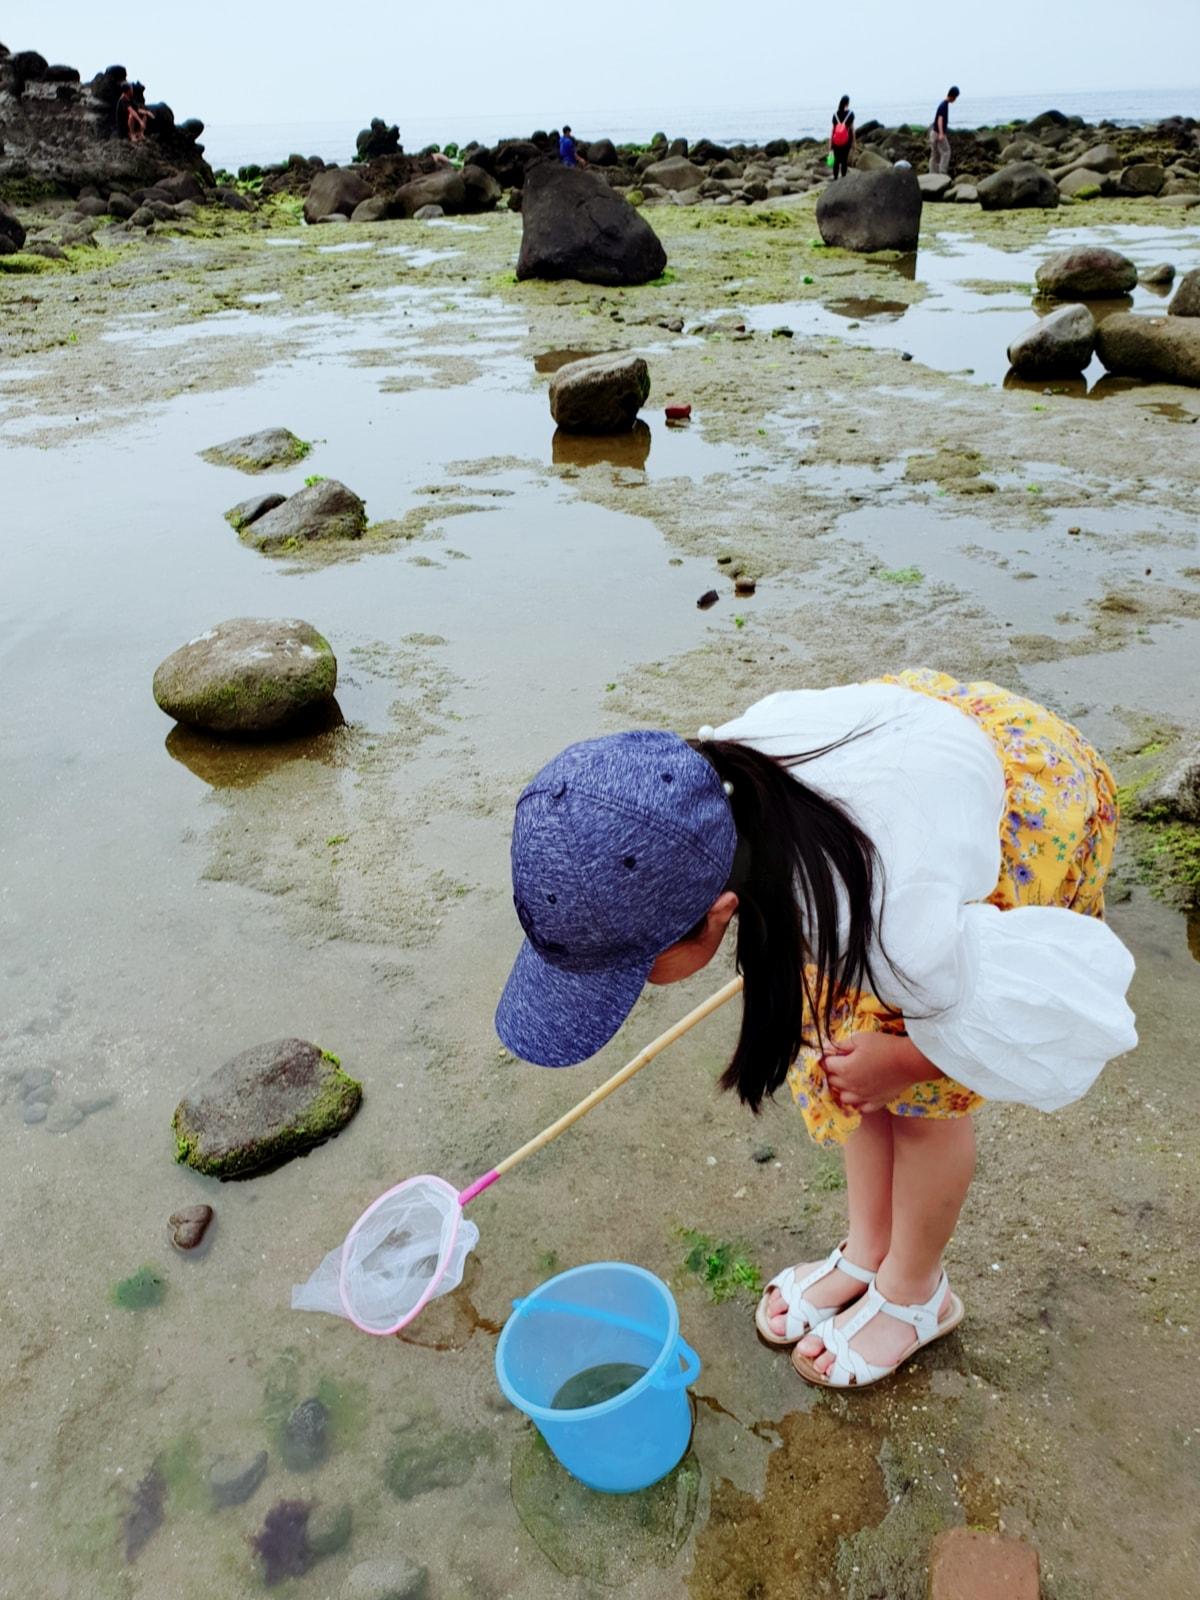 【北海岸東北角景點】親子一日遊行程超豐富!IG網美照、玩水抓螃蟹~從早玩到晚! - yukiblog.tw